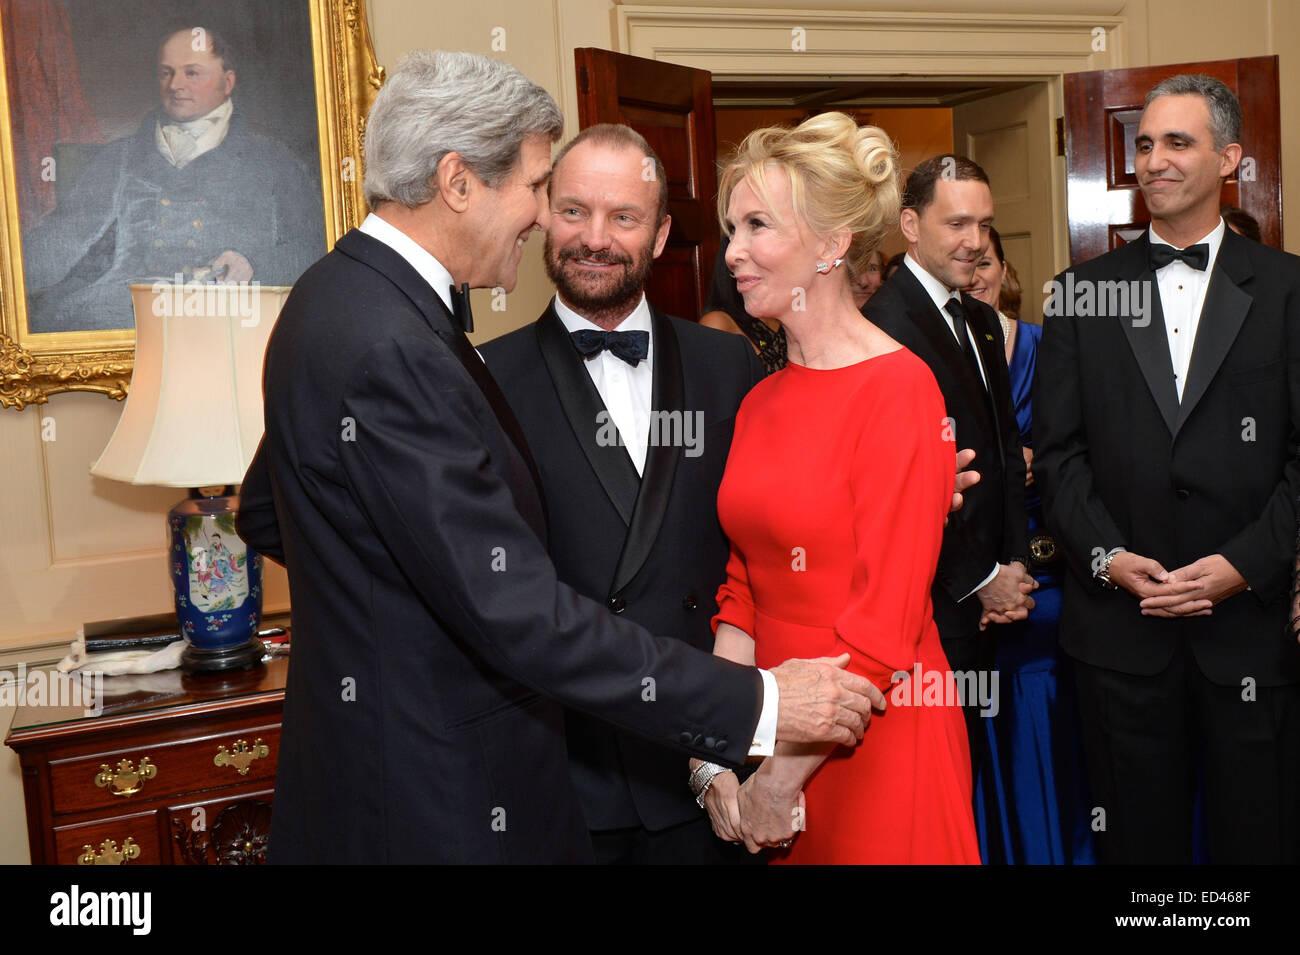 Stati Uniti Il segretario di Stato John Kerry saluta il 2014 il Centro Kennedy Honoree cantautore Sting e sua moglie Trudie Styler, prima di cena ha ospitato in onore del Honorees presso l'U.S. Il Dipartimento di Stato a Washington D.C., il 6 dicembre 2014. Foto Stock